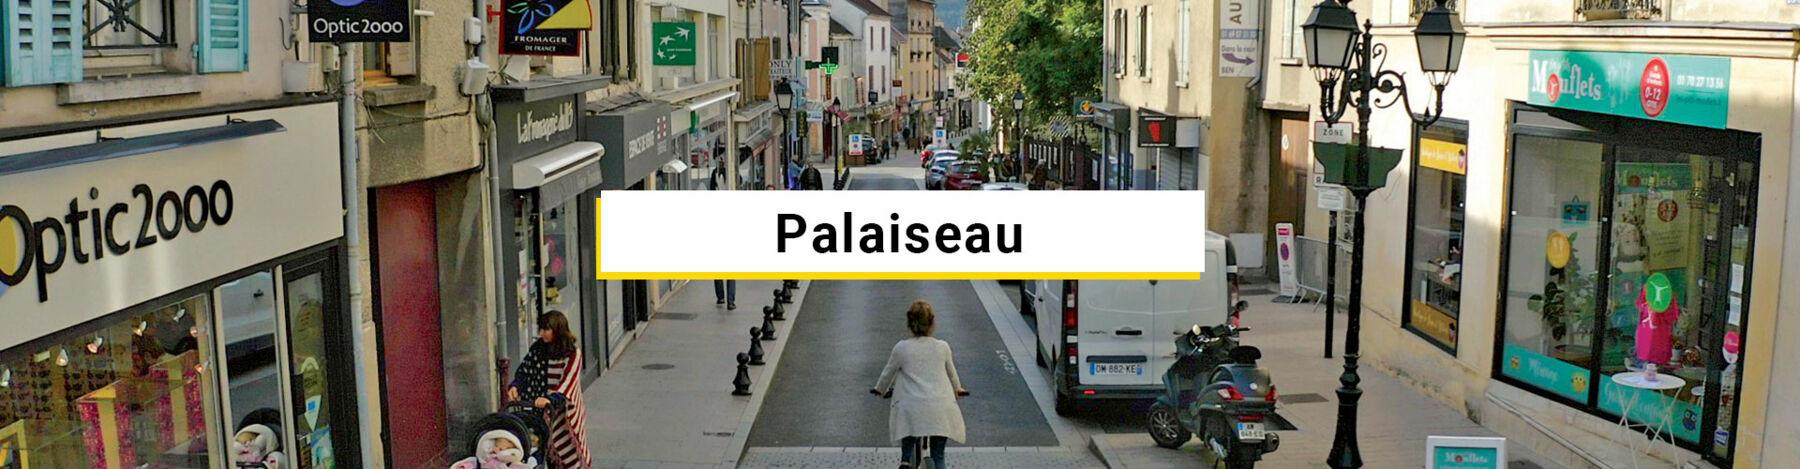 Palaiseau boutiques